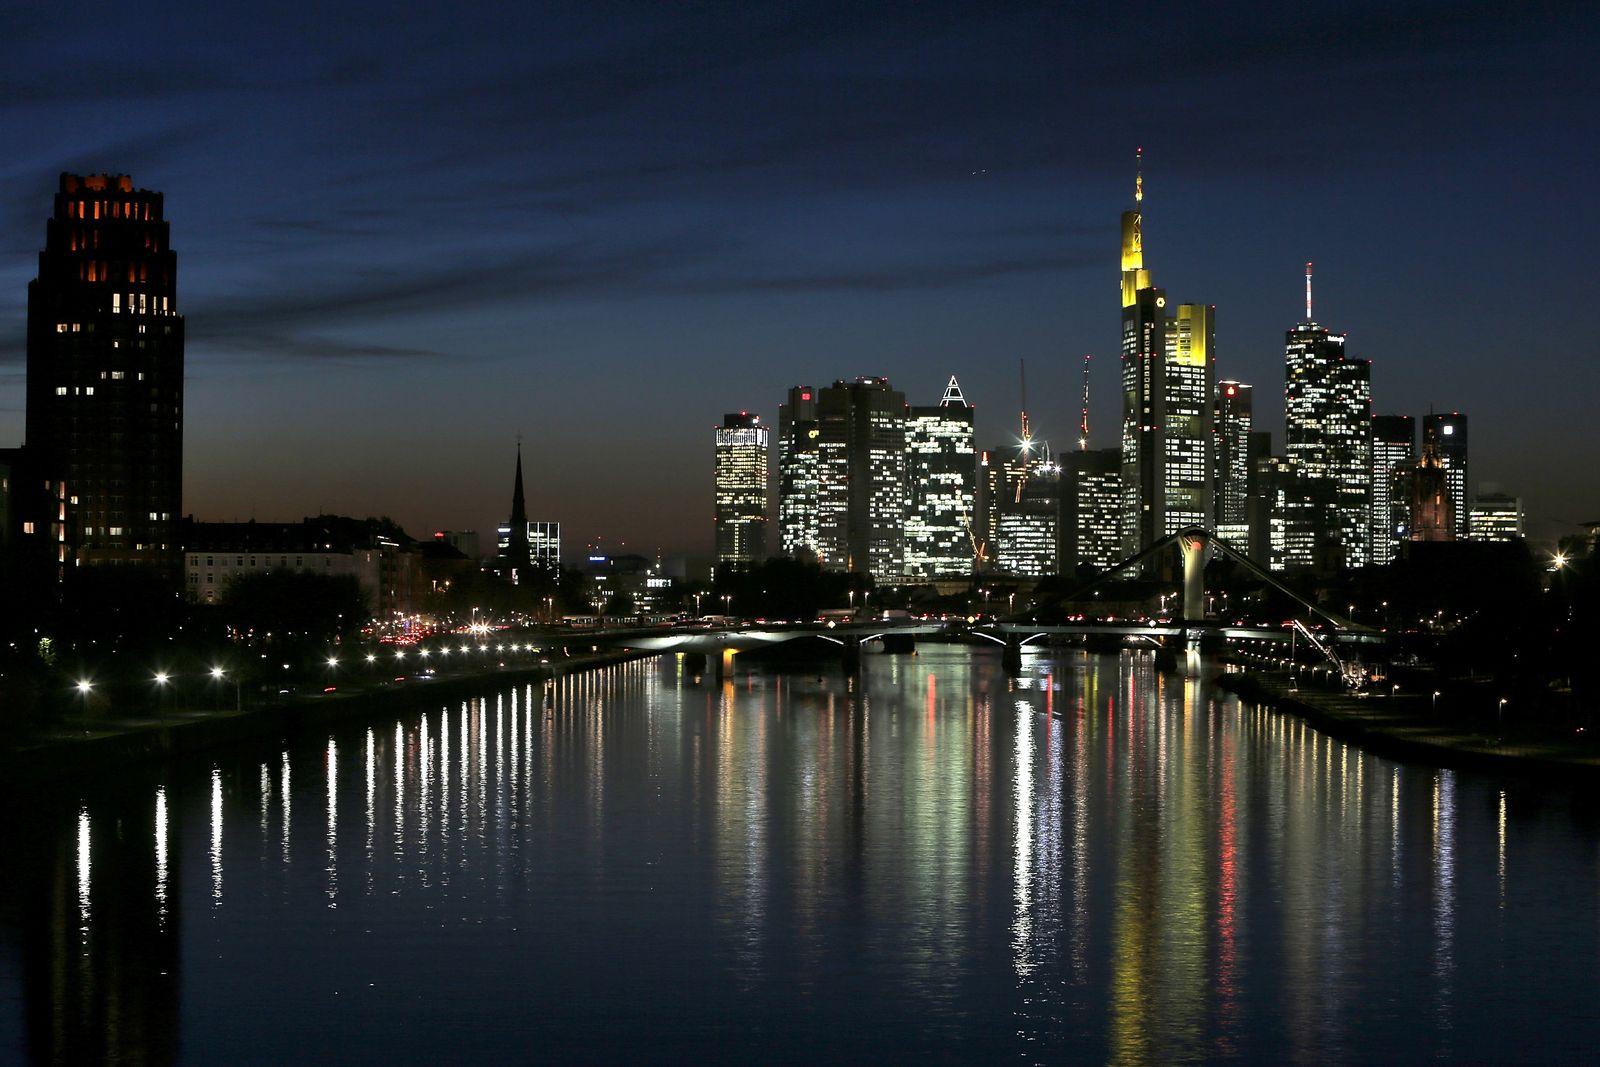 Frankfurt / Banken-Viertel / Banken